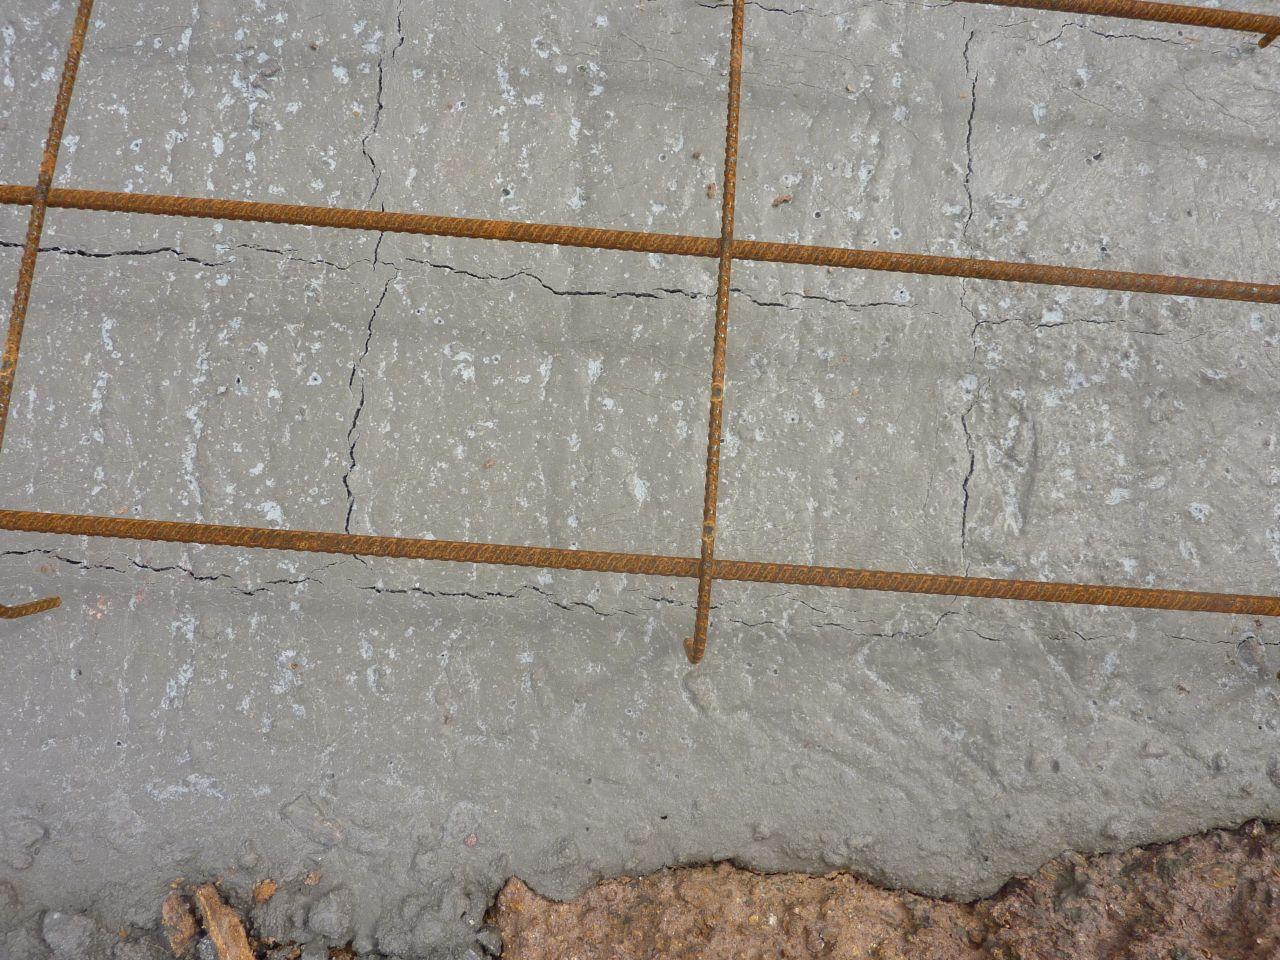 Les fouilles effectuées par maison CASTOR 25/30 ont été re coulées   15 cm en l'état sur celles deffectueuses